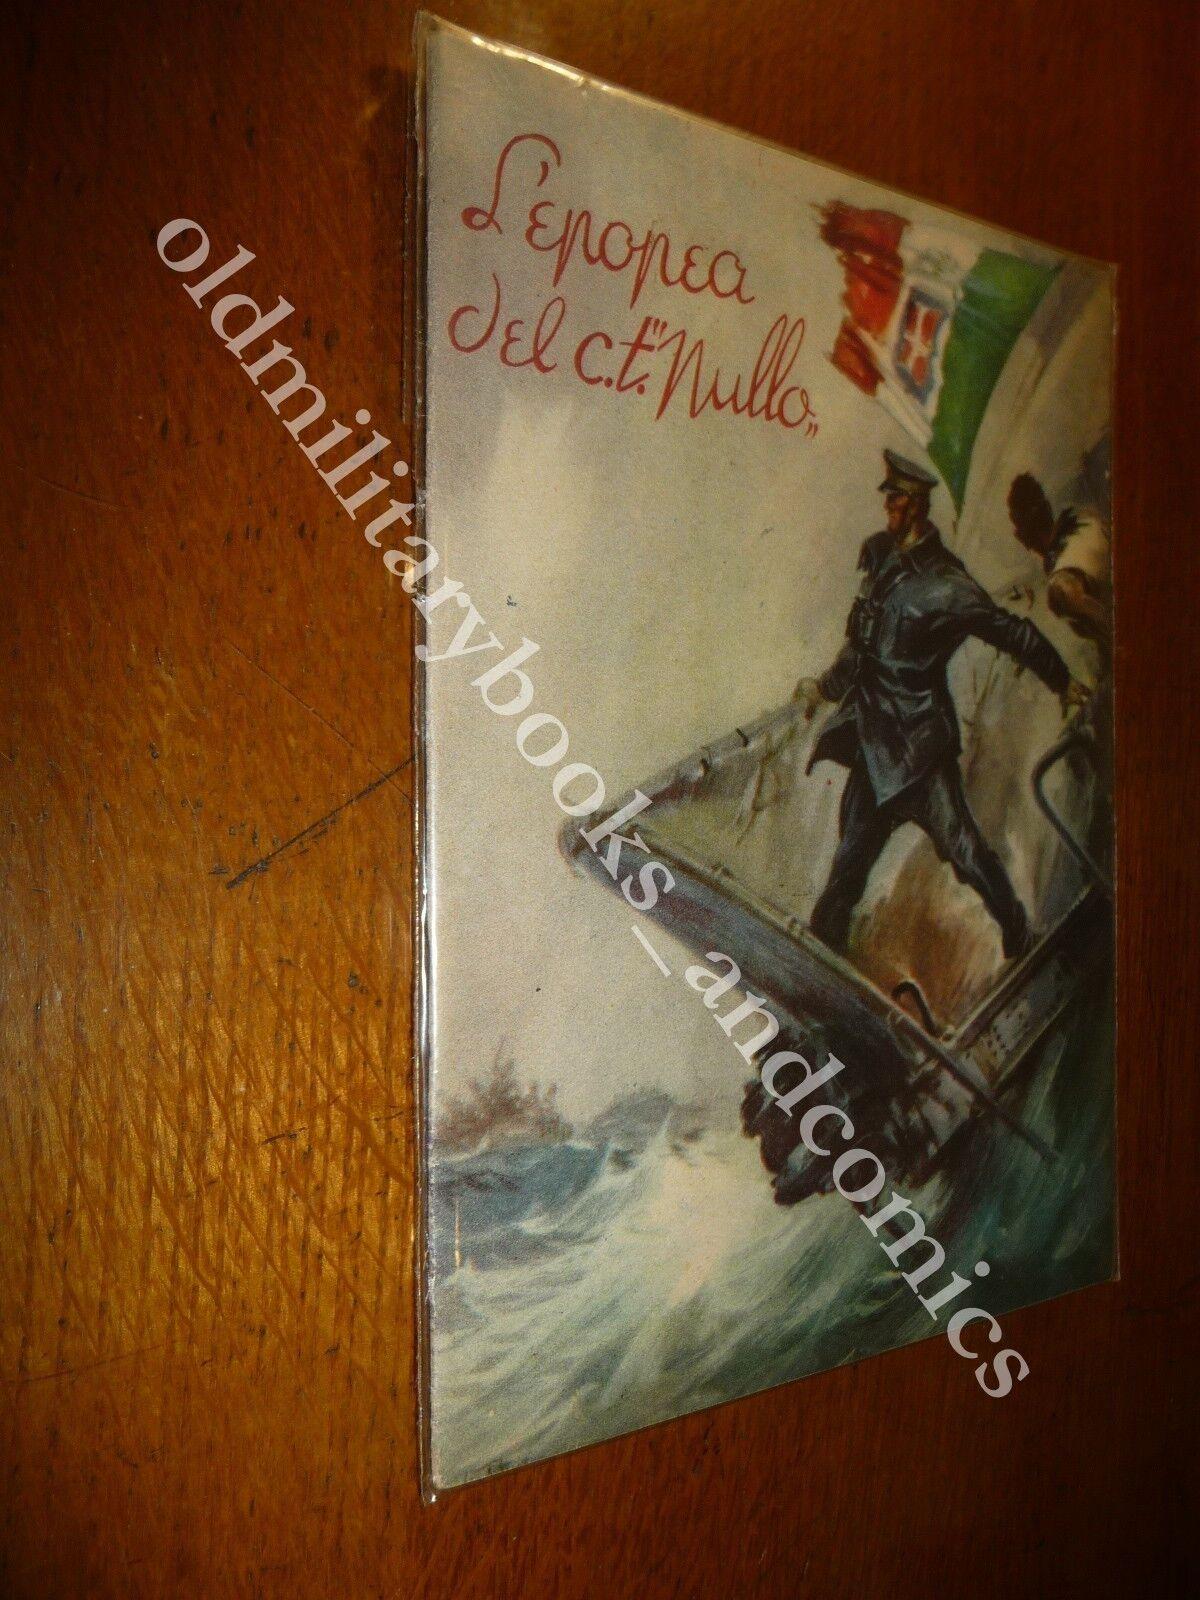 L'EPOPEA DEL C.T. NULLO GIUSEPPE VINGIANO VOLUME IN OTTIME CONDIZIONI